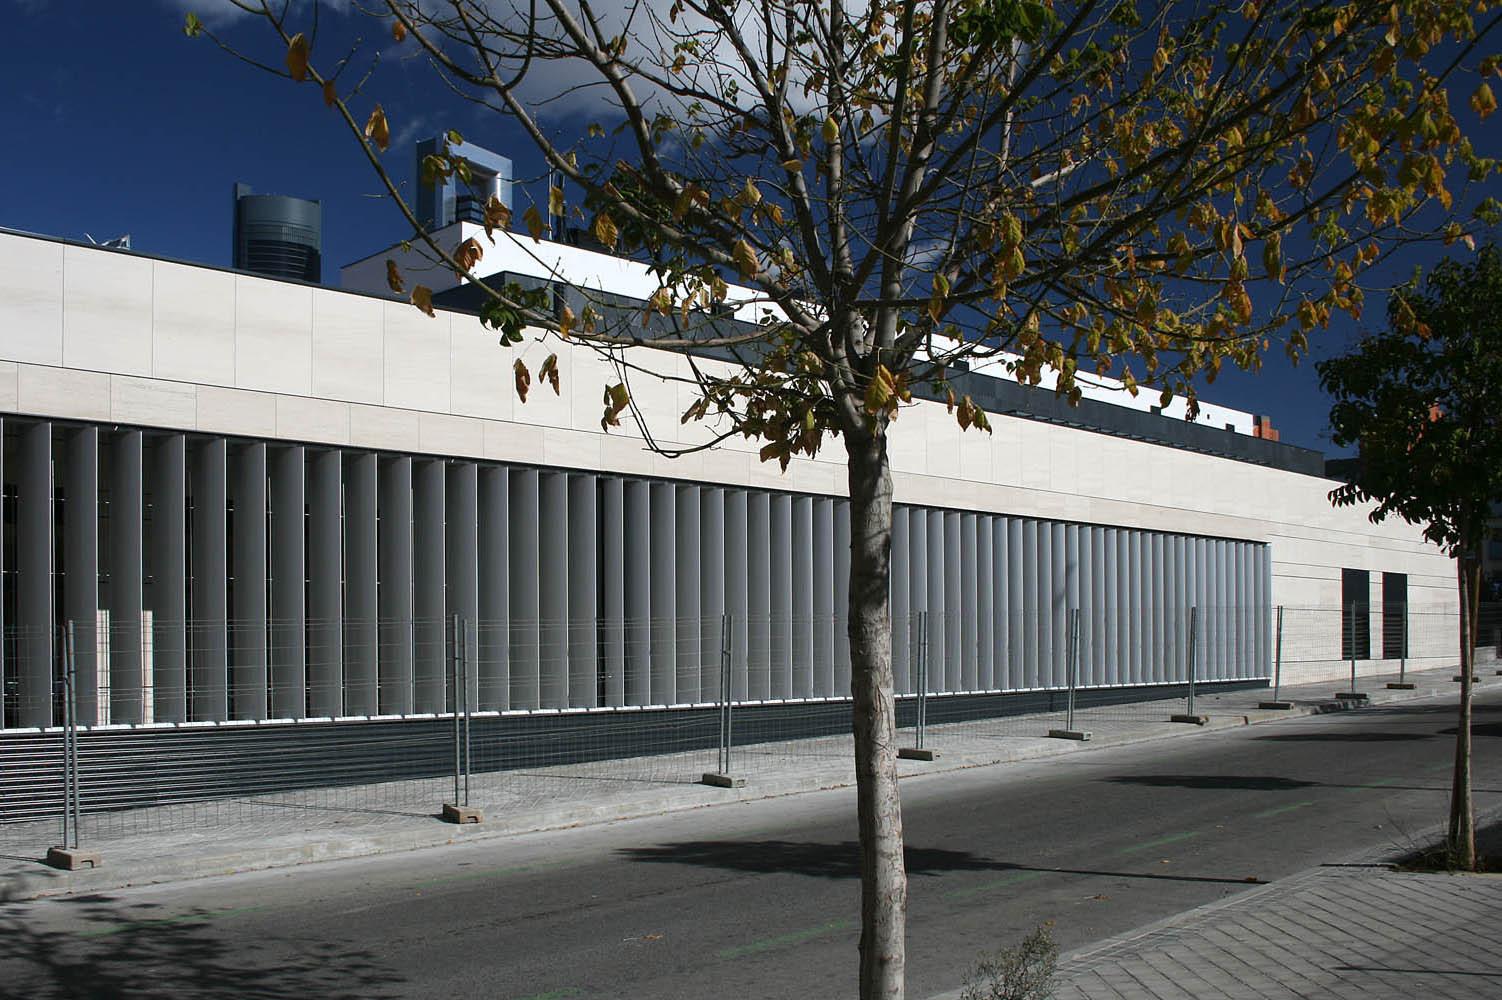 Residencia para Mayores en Madrid / GEED Arquitectos, © Alfredo Prados Covarrubias